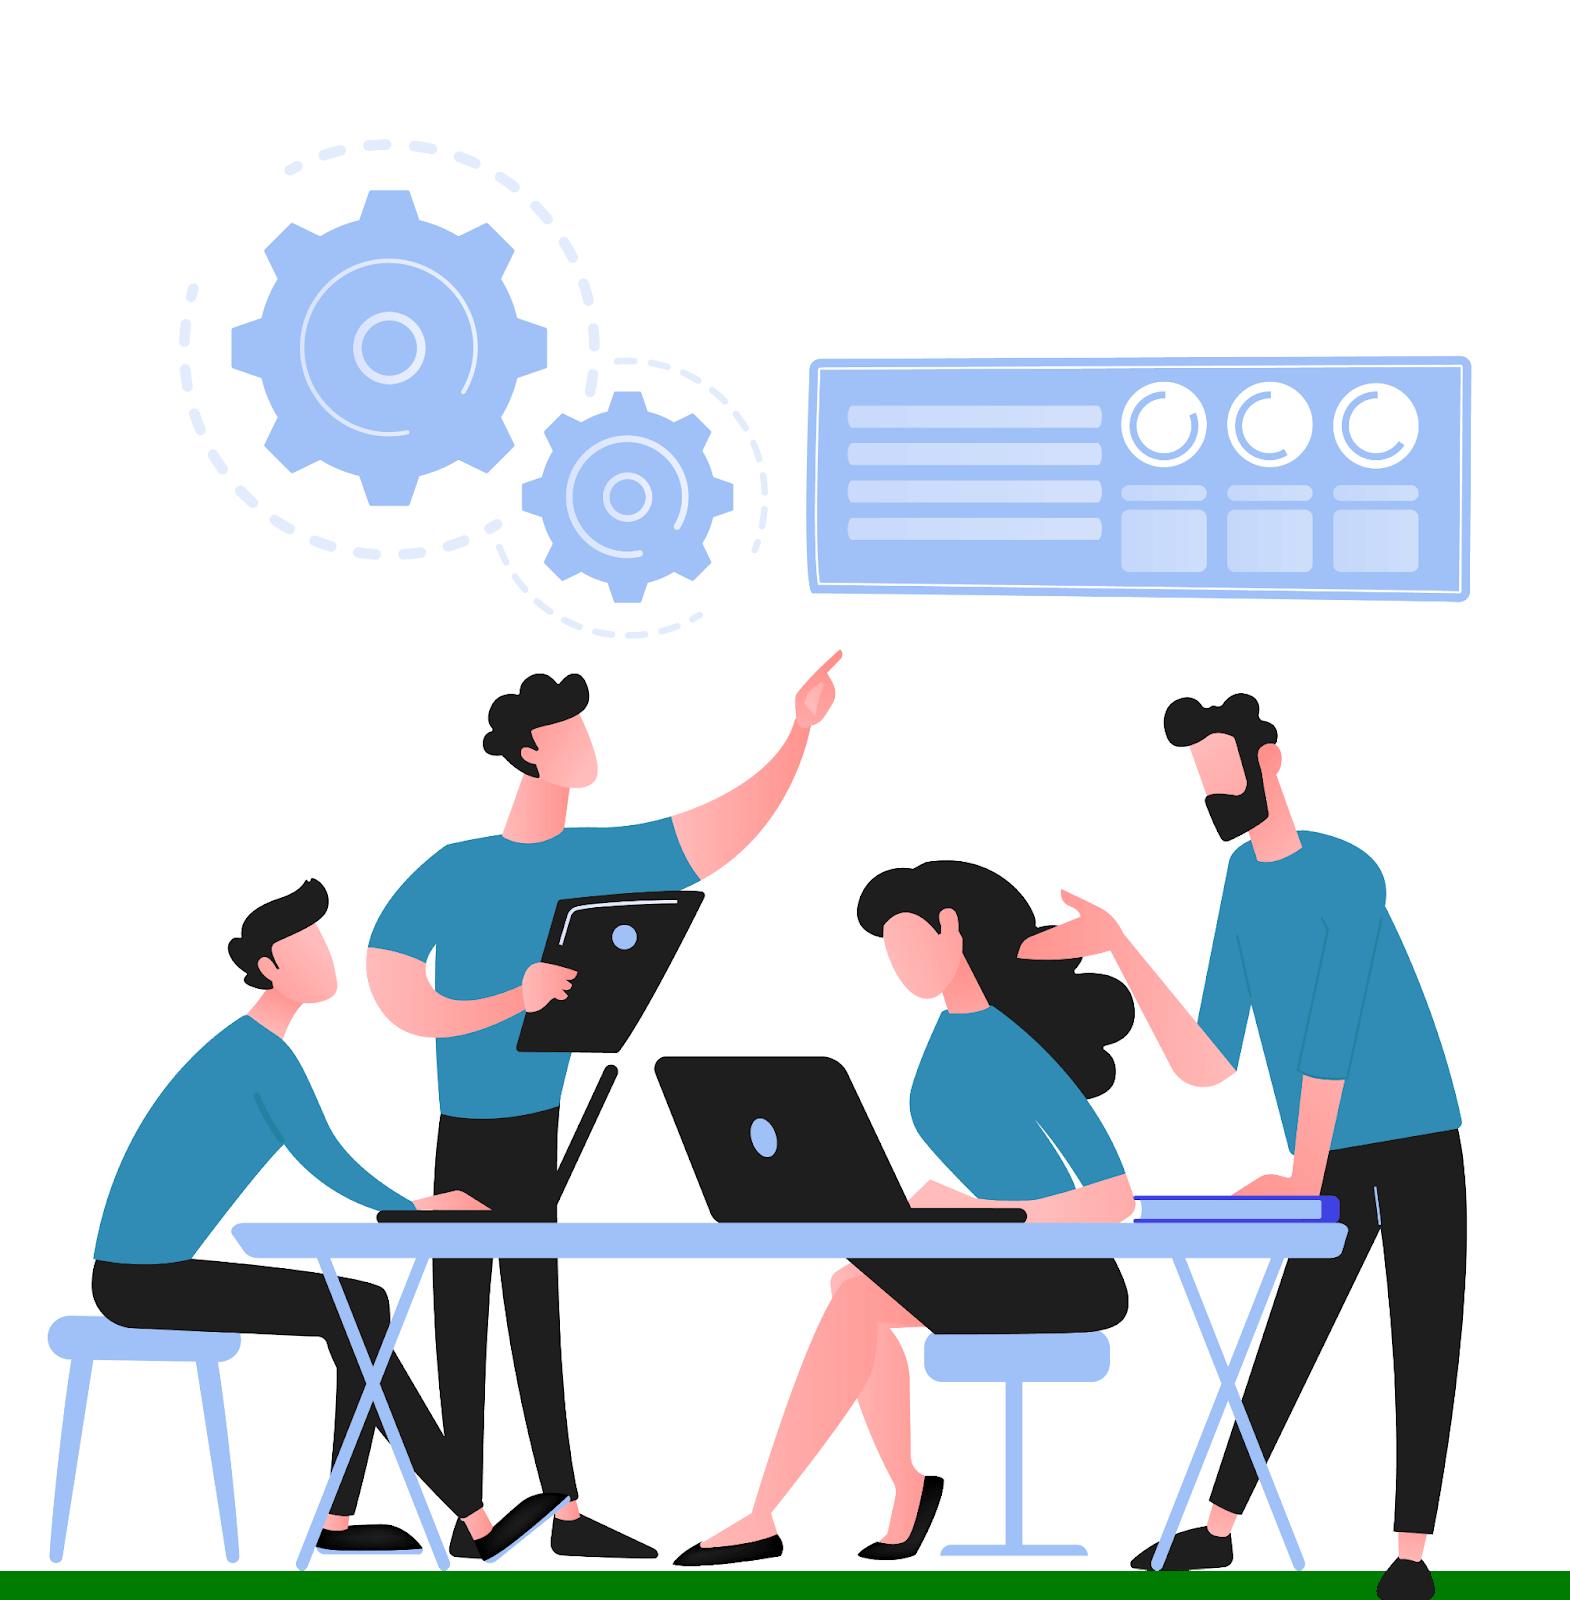 MVP development - Industry best developer